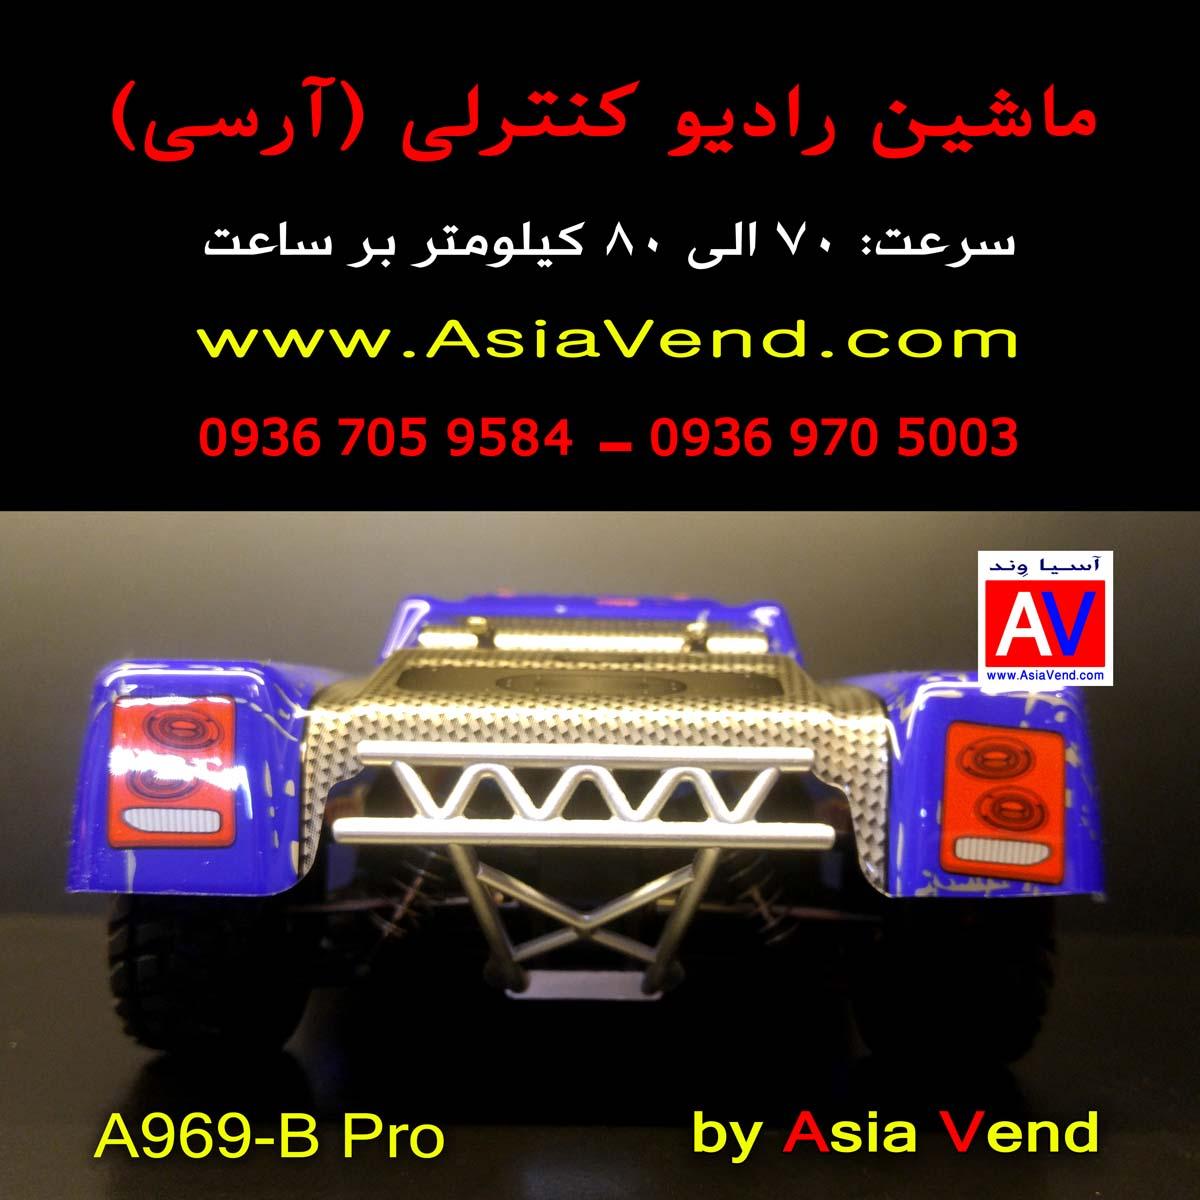 ماشین رادیو کنترلی آفرود ماشین کنترلی حرفه ای آرسی Wltoys A969B Rc Car